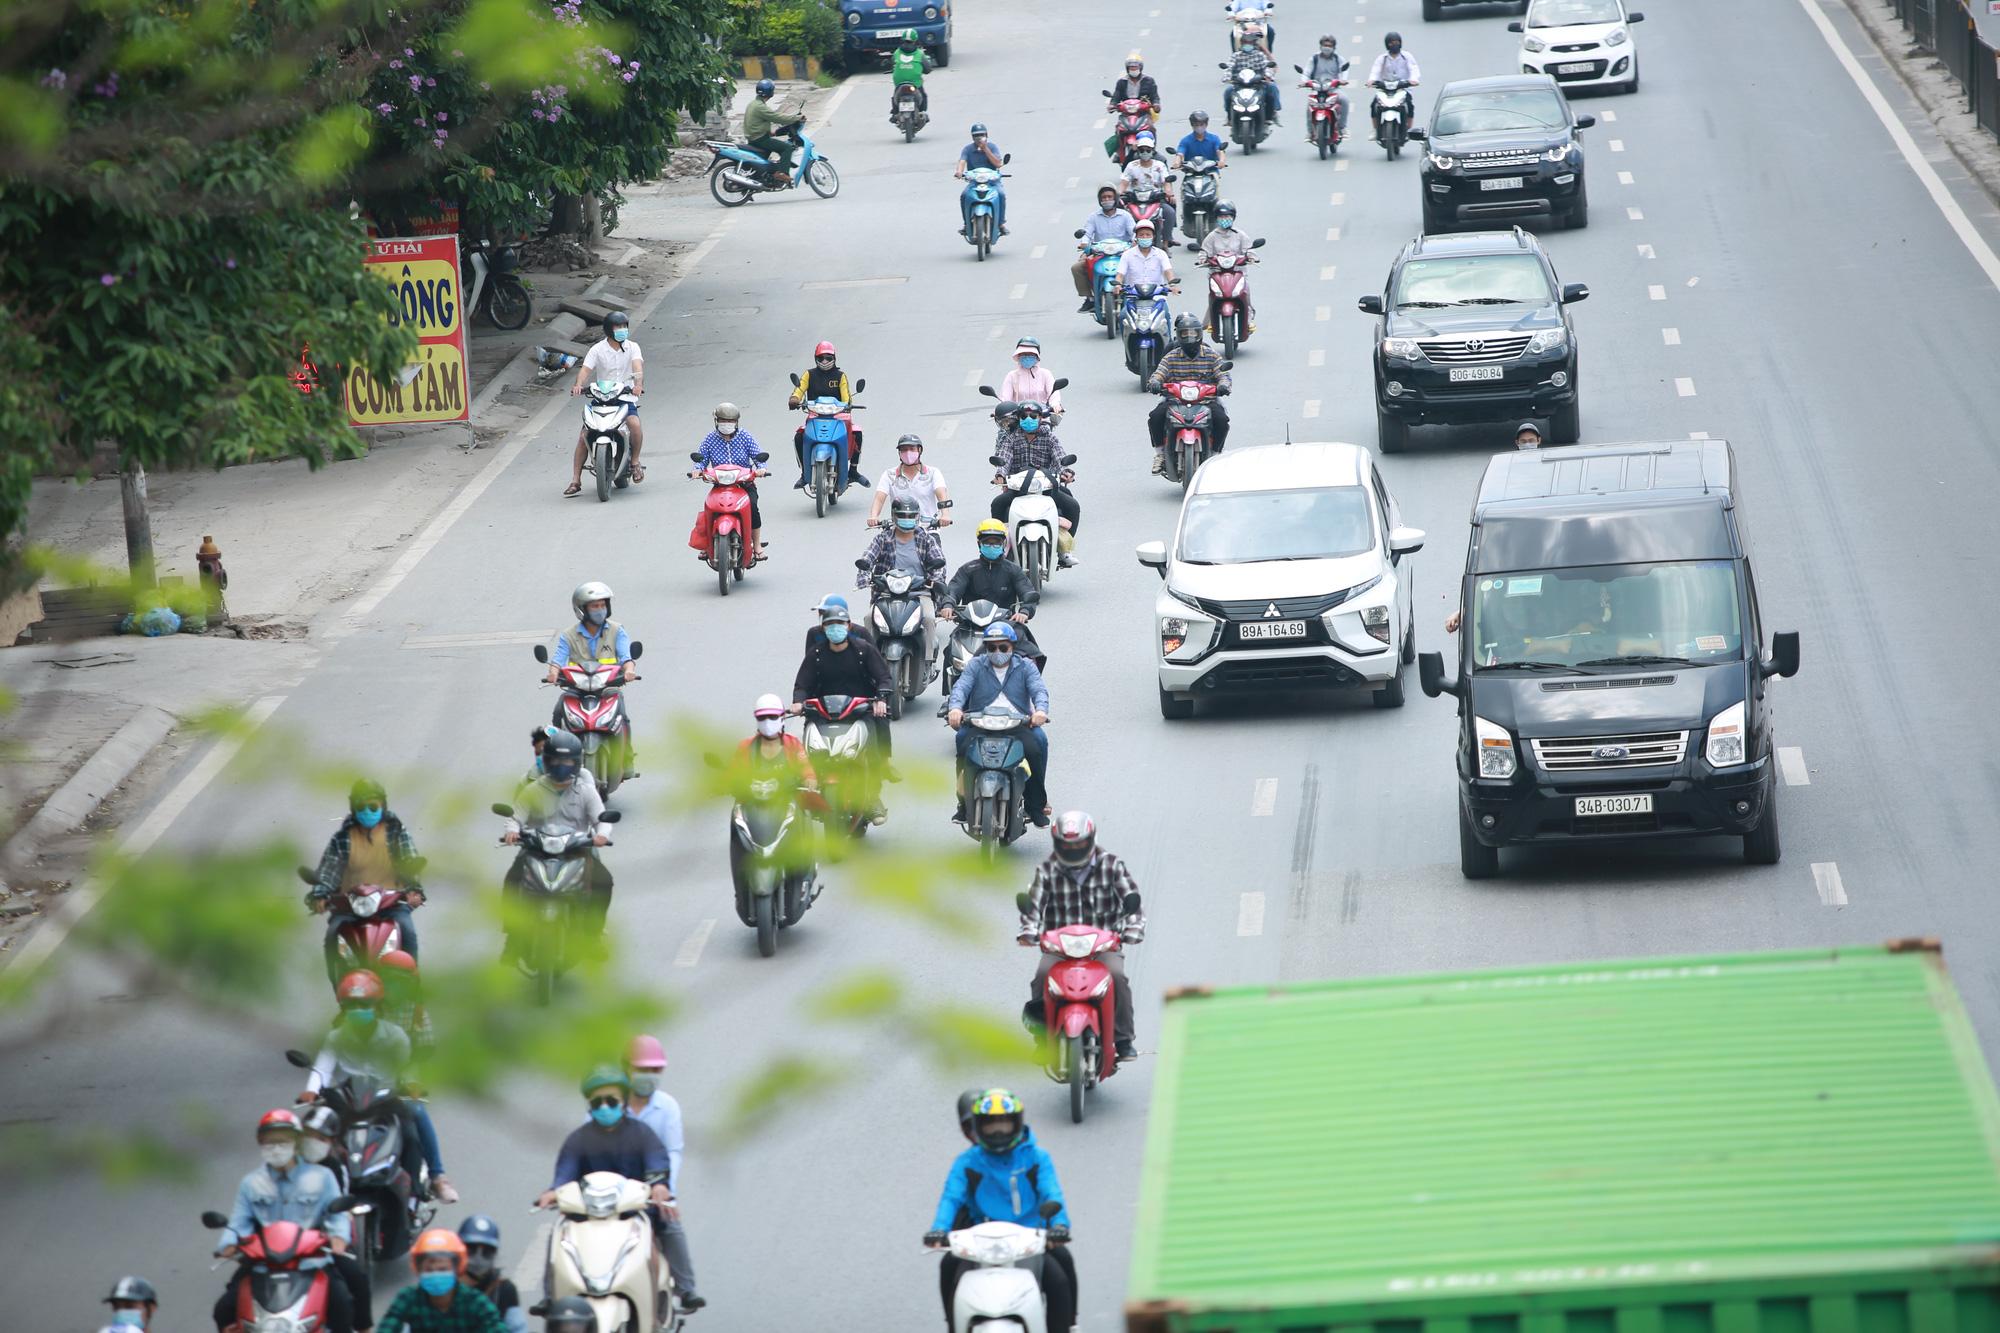 Giao thông cửa ngõ Thủ đô thông thoáng lạ thường ngày cuối kỳ nghỉ lễ 30/4  - Ảnh 2.